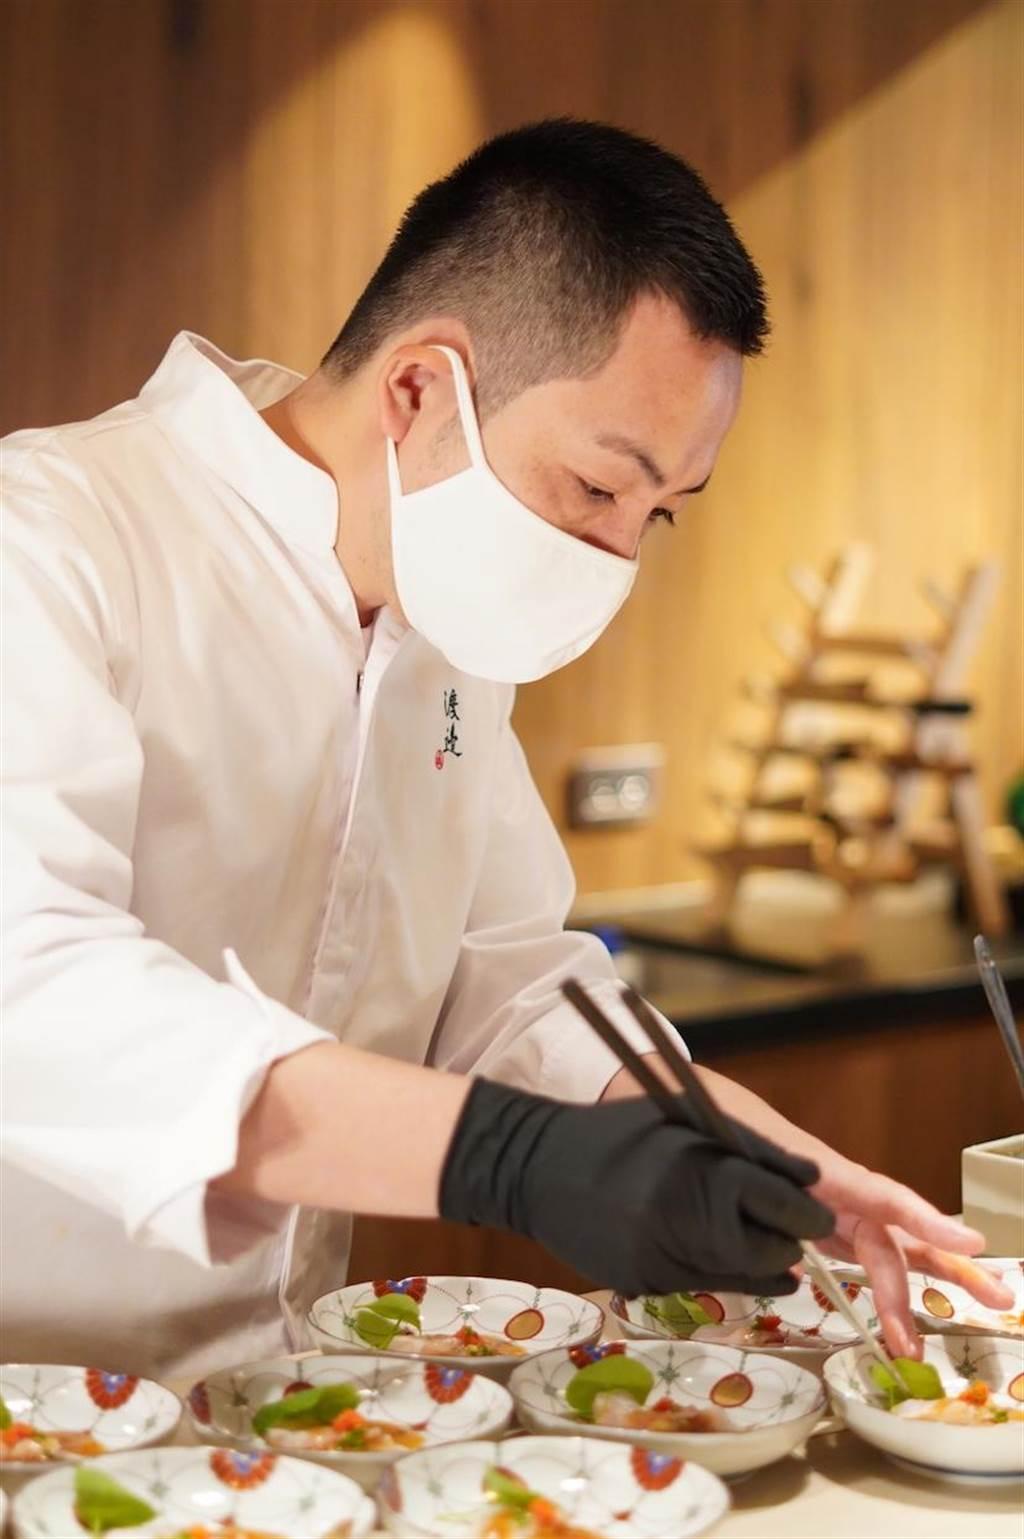 渡邉信介的料理帶給饕客傳統與創新的驚喜感。(何書青攝)